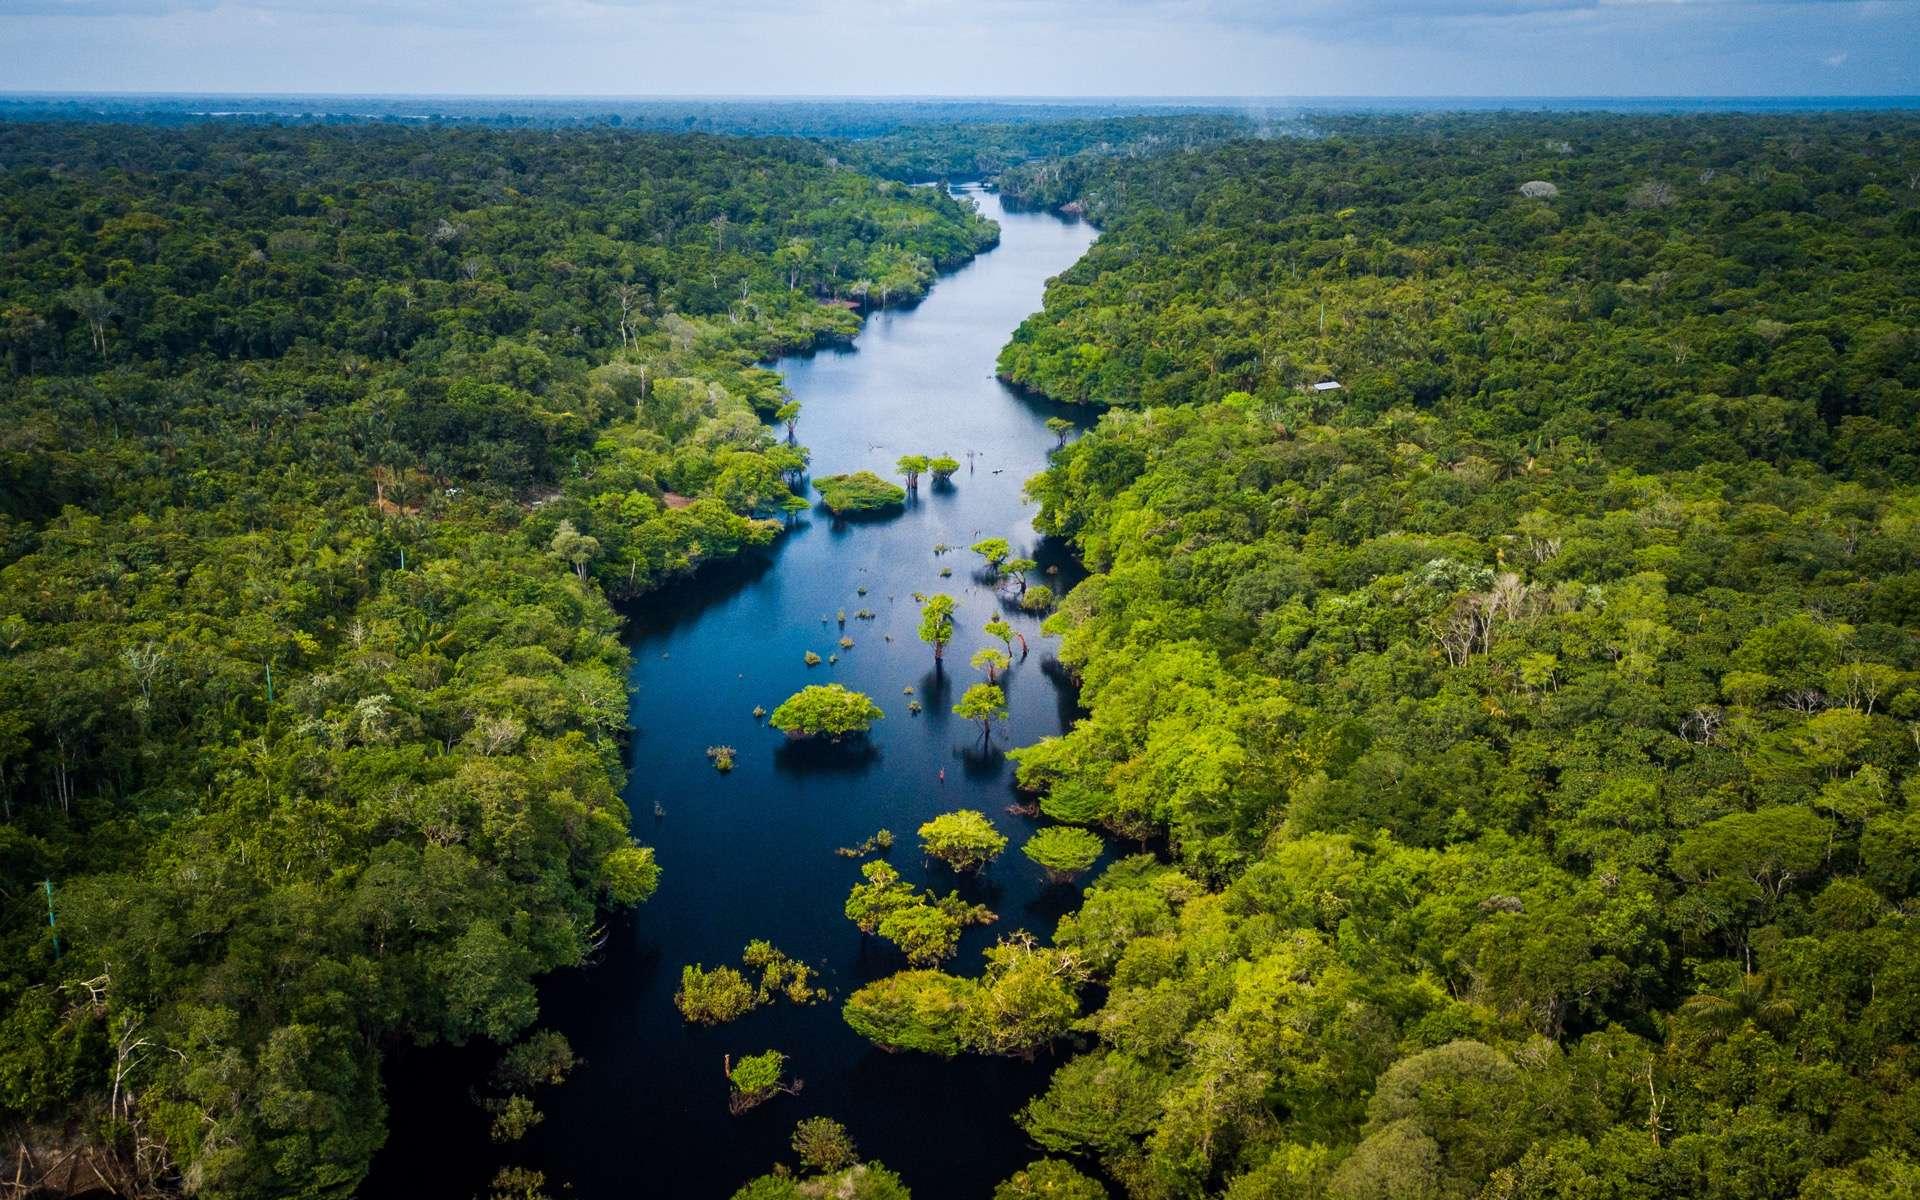 En l'espace de 18 ans, la forêt amazonienne a perdu une surface équivalente à celle de l'Espagne. © Marcio Isensee e Sá, Adobe Stock